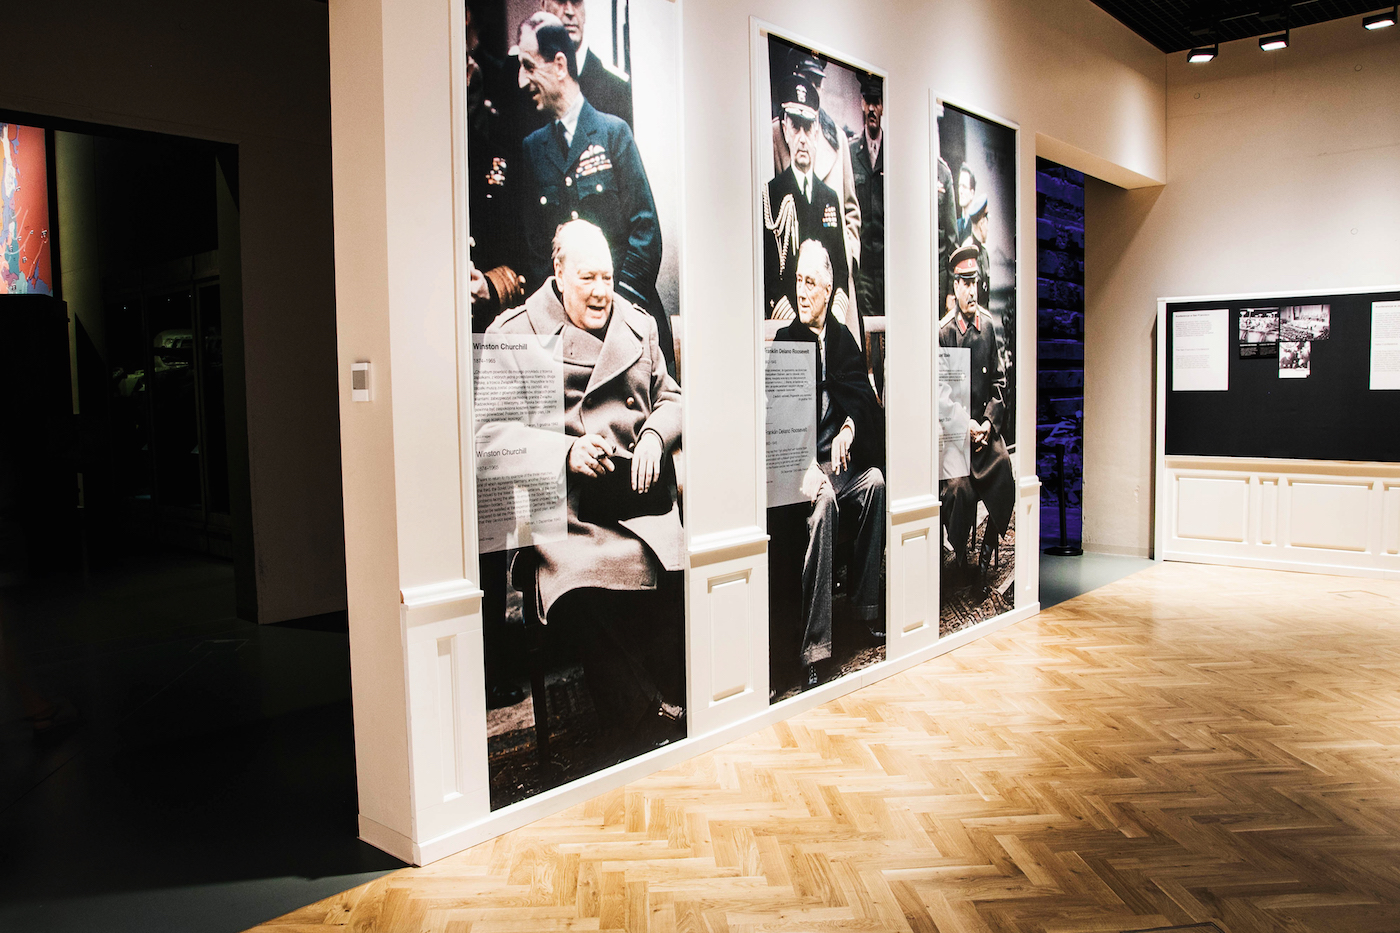 OVERBLIKK: Museet gir et overblikk over hendelsene før, under og etter krigen, også på et overordnet politisk og militært nivå. FOTO: MIKOŁAJ BUJAK/MUZUEM1939.PL